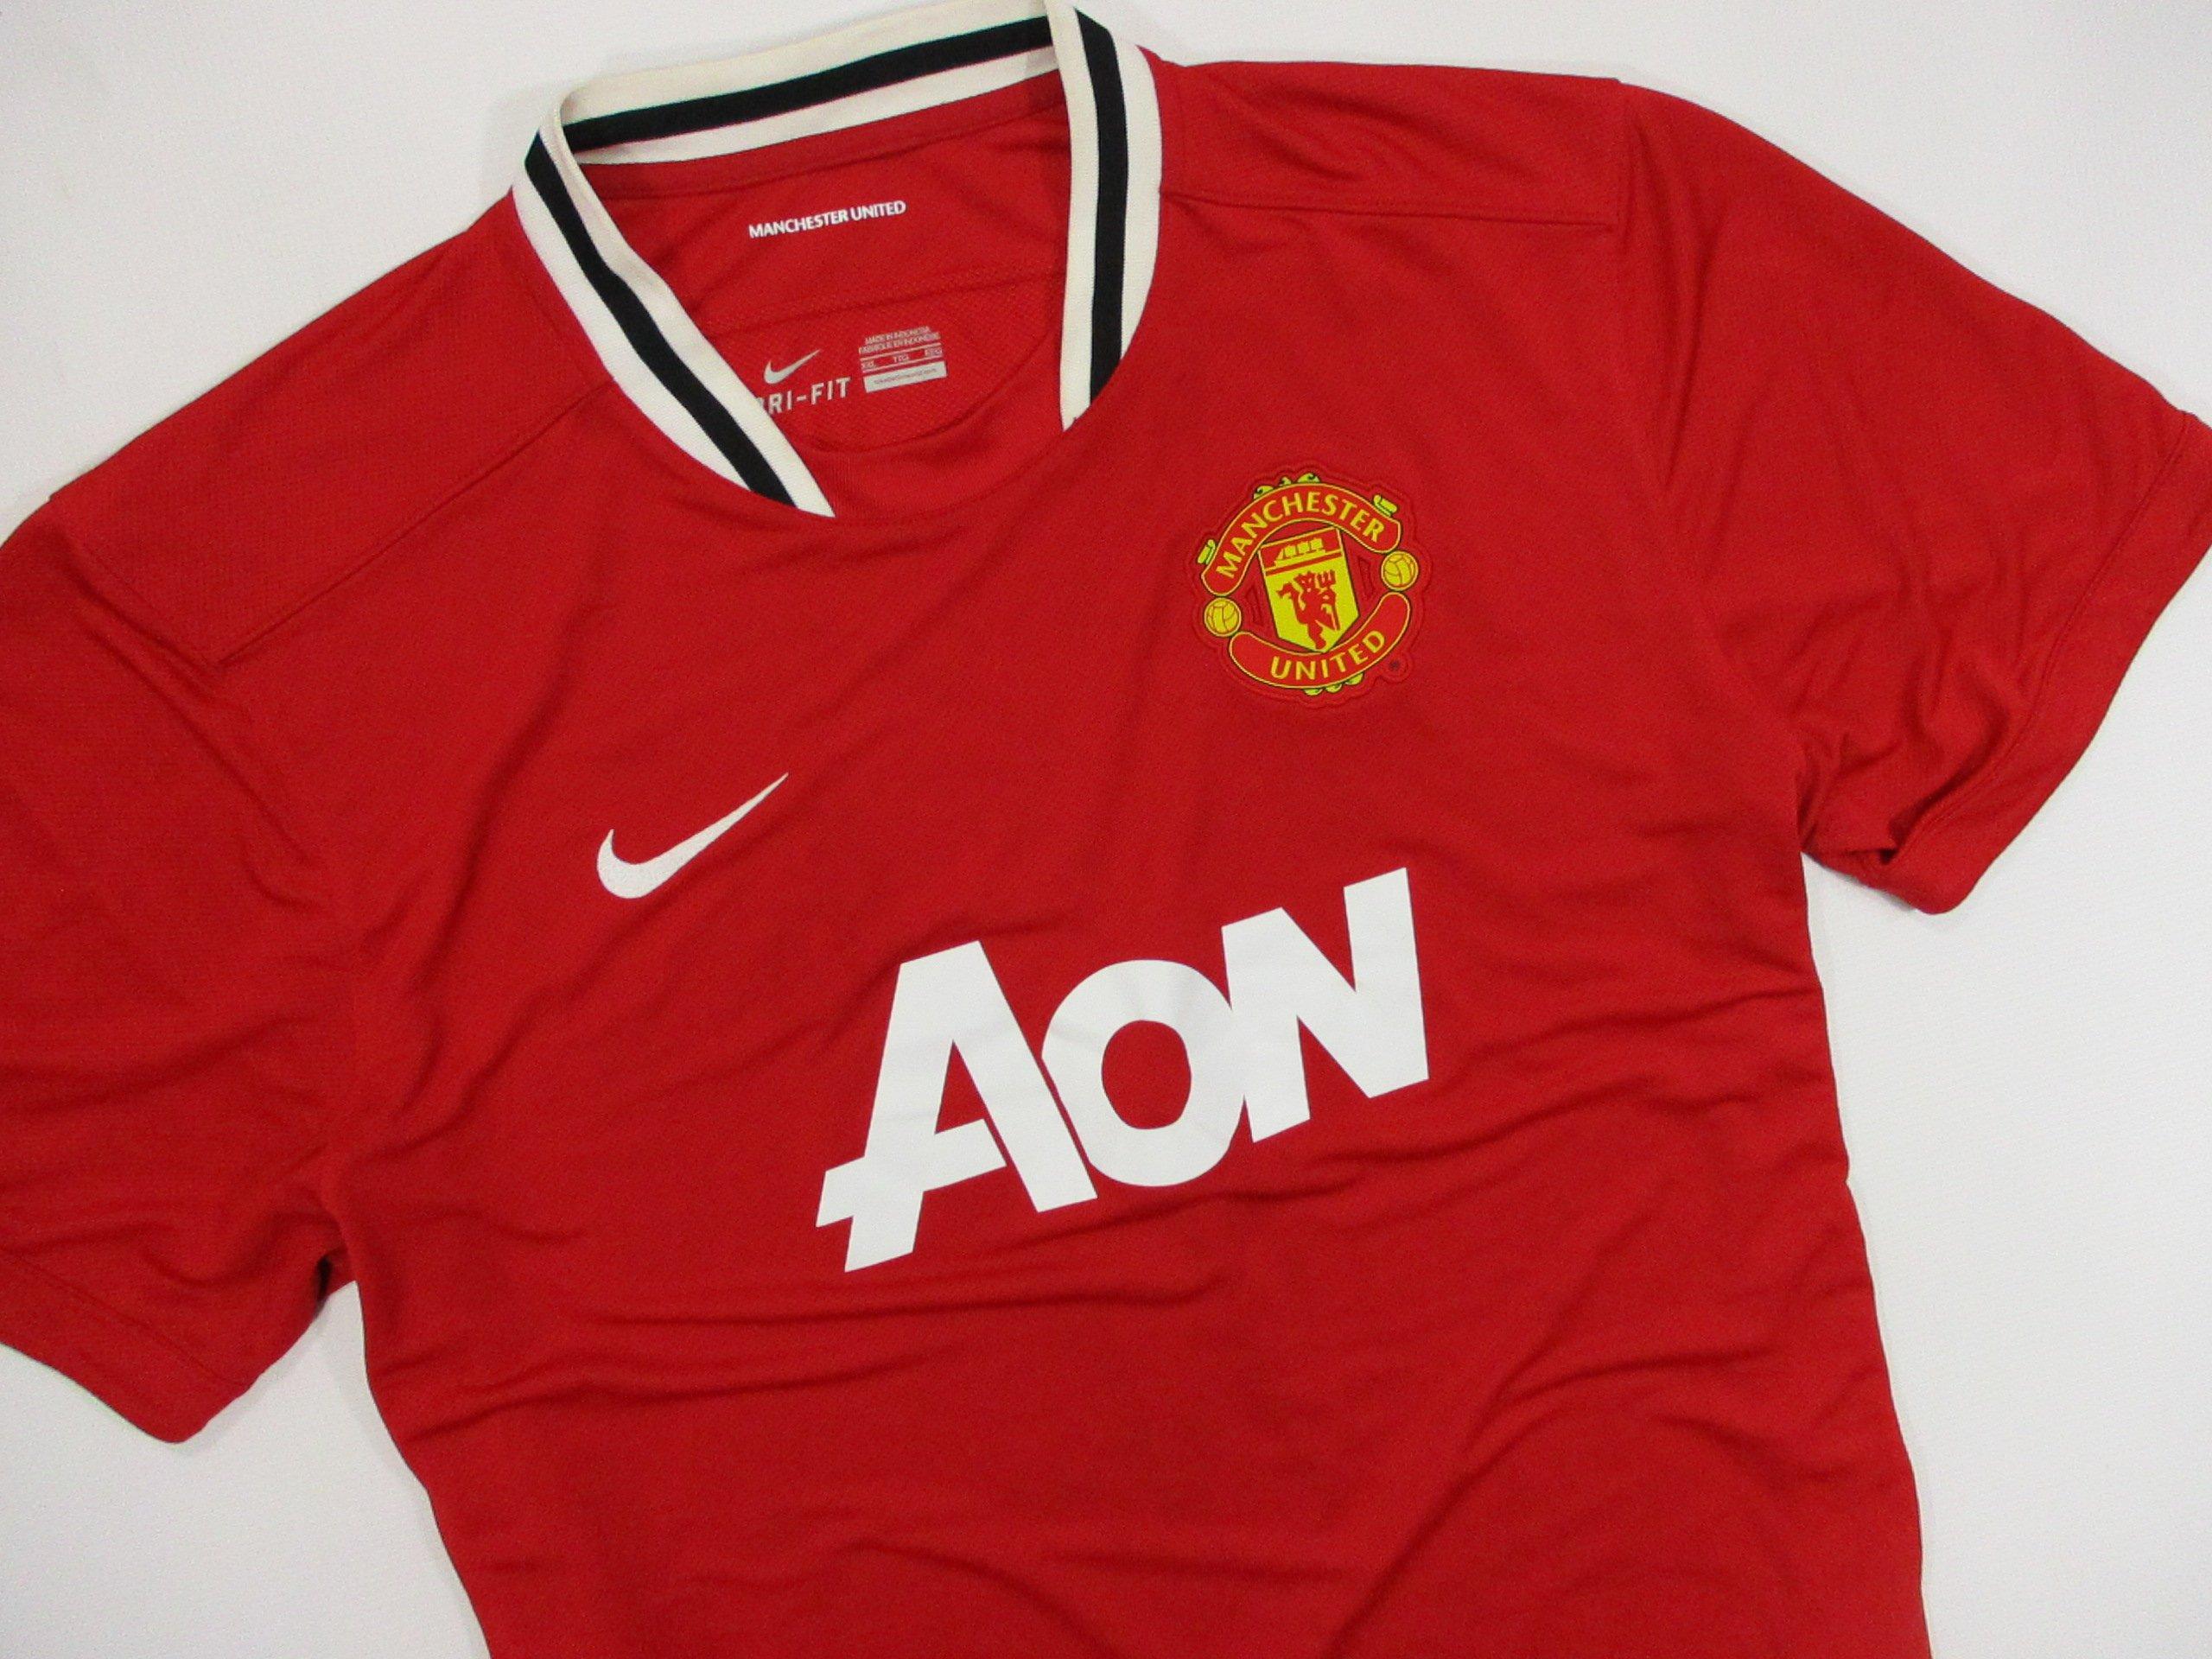 Nike dri fit koszulka manchester united xl nowa Zdjęcie na